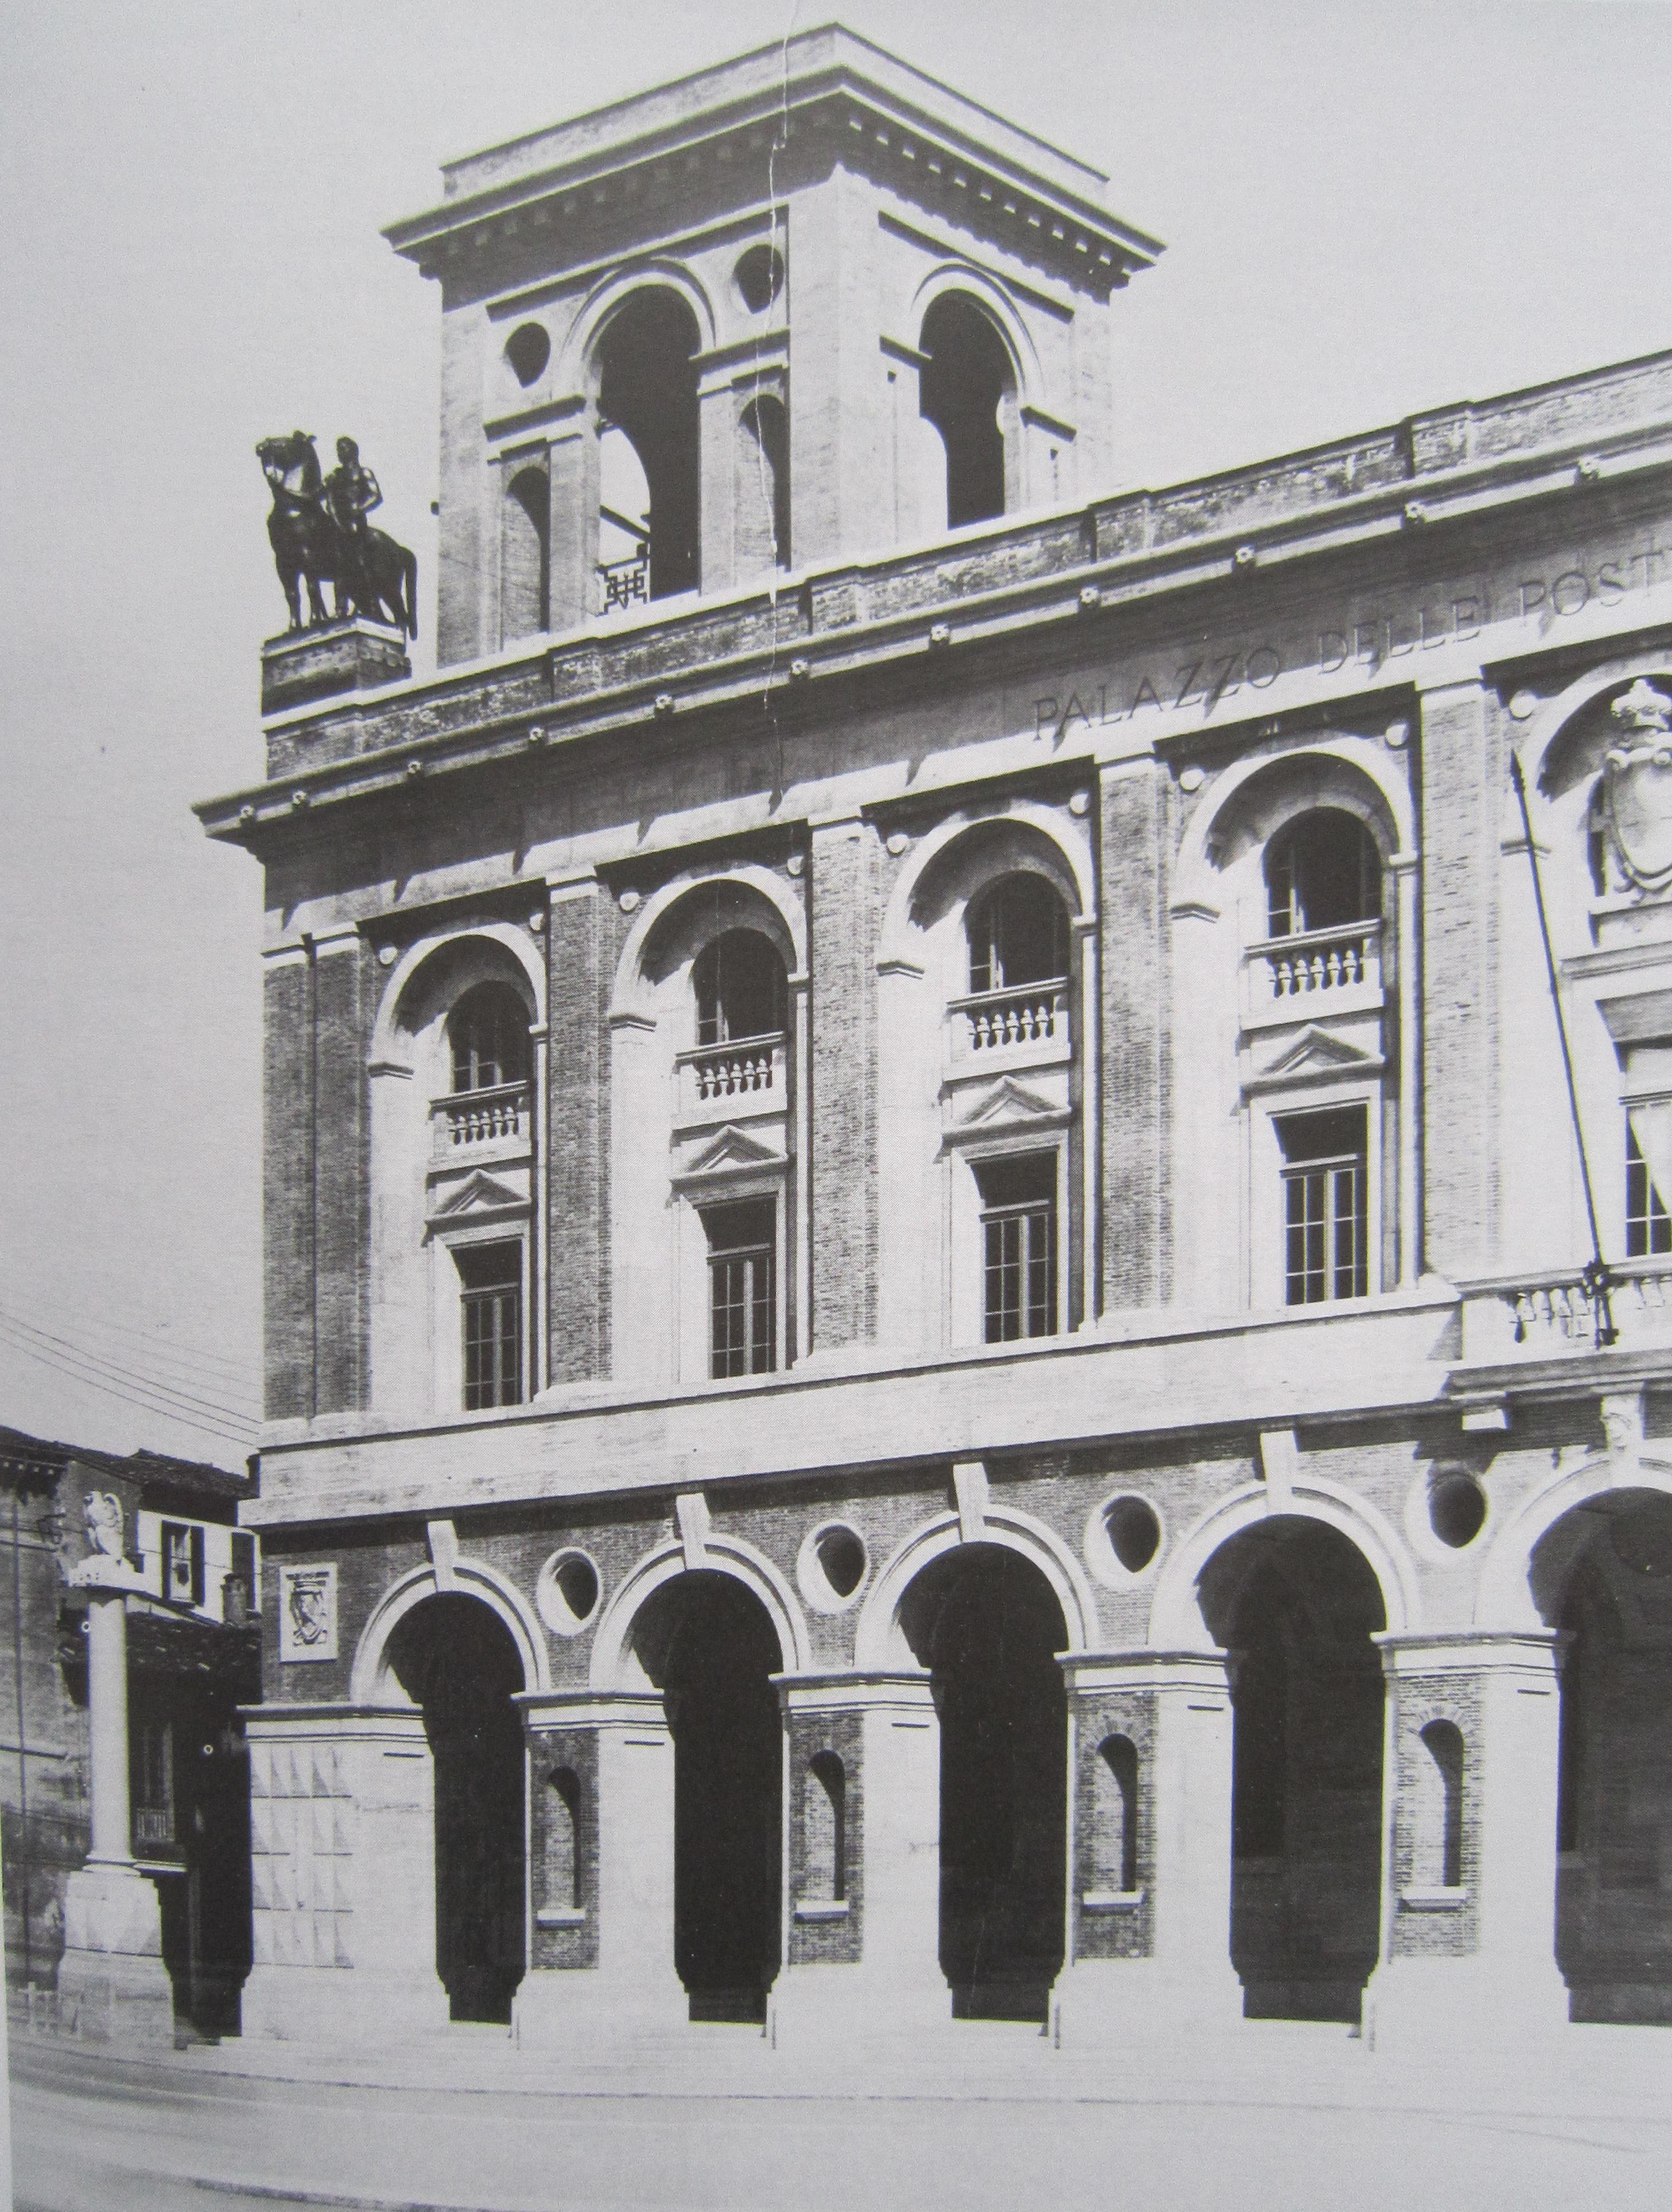 Il palazzo delle Poste e appariva nel 1933 La scultura venne rimossa immediatamente per motivi estetici per essere collocata sopra un analogo edificio